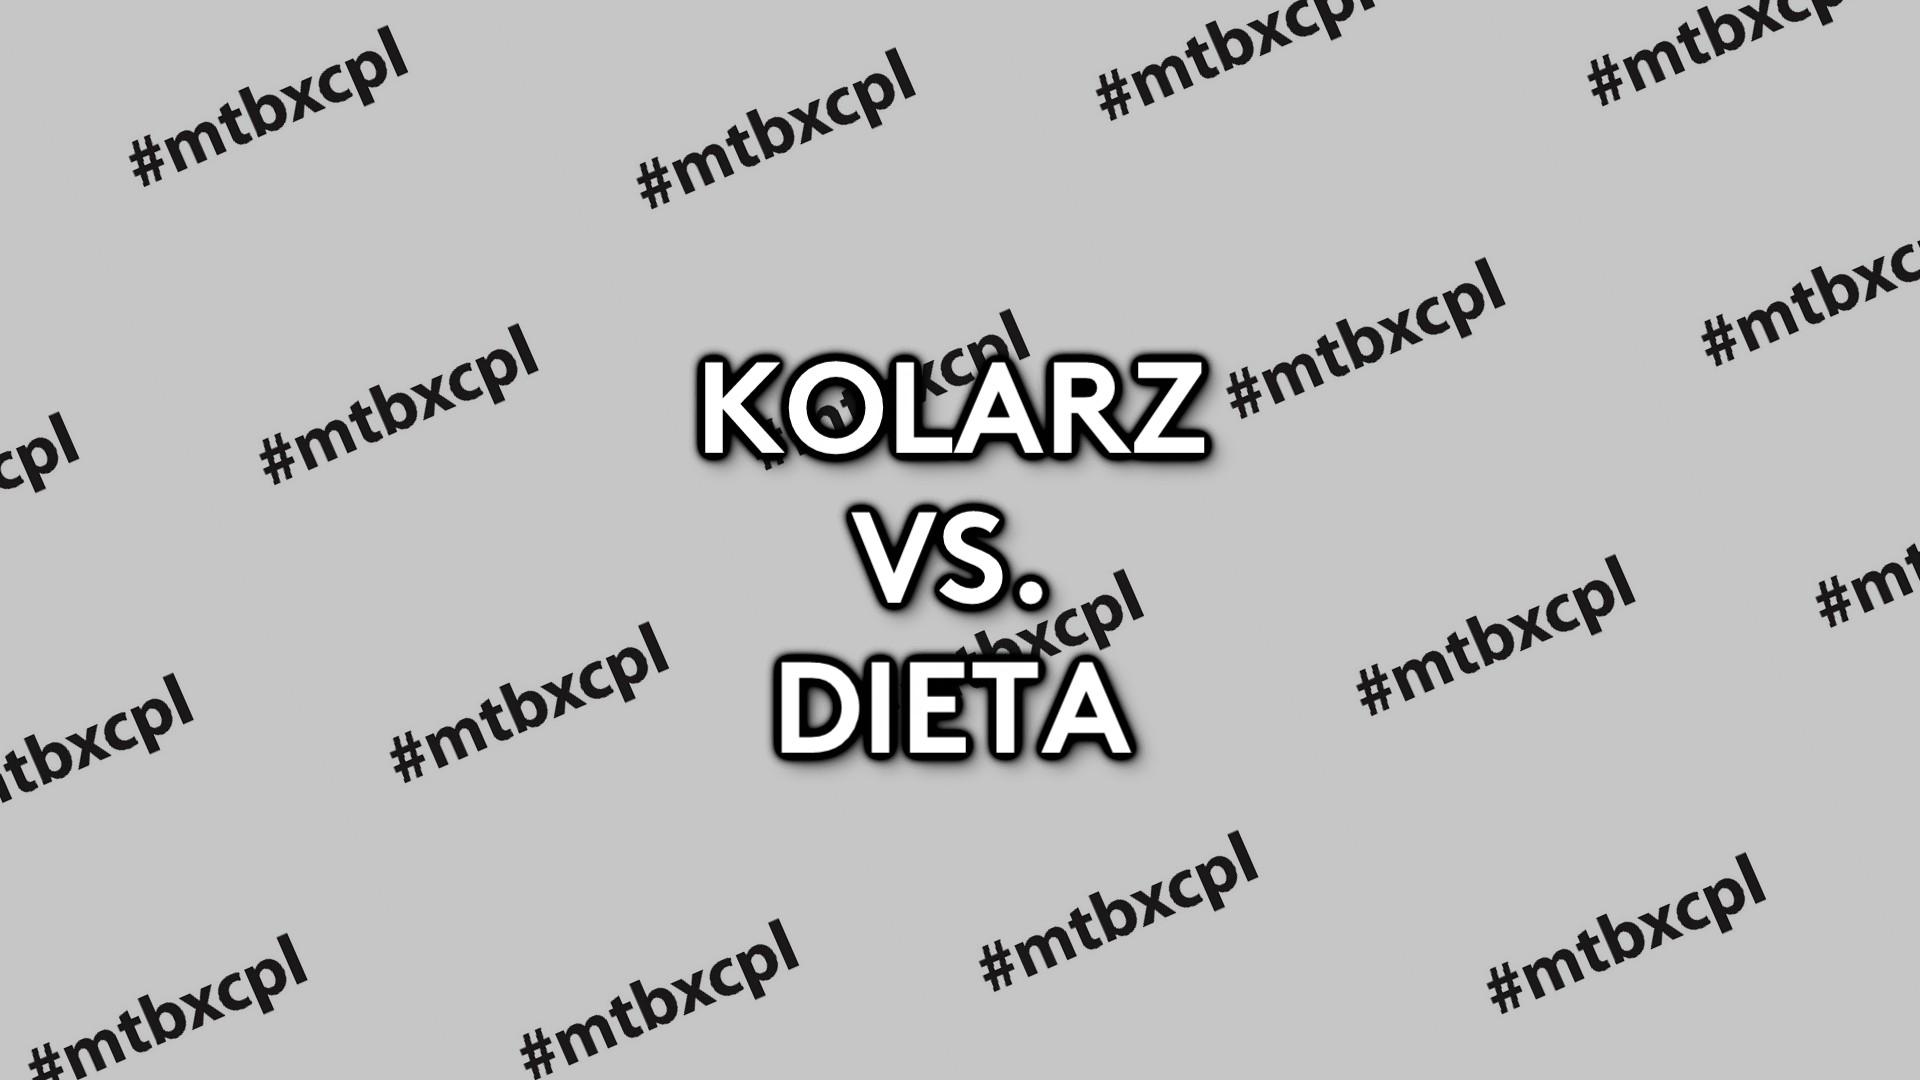 Kolarz vs. dieta